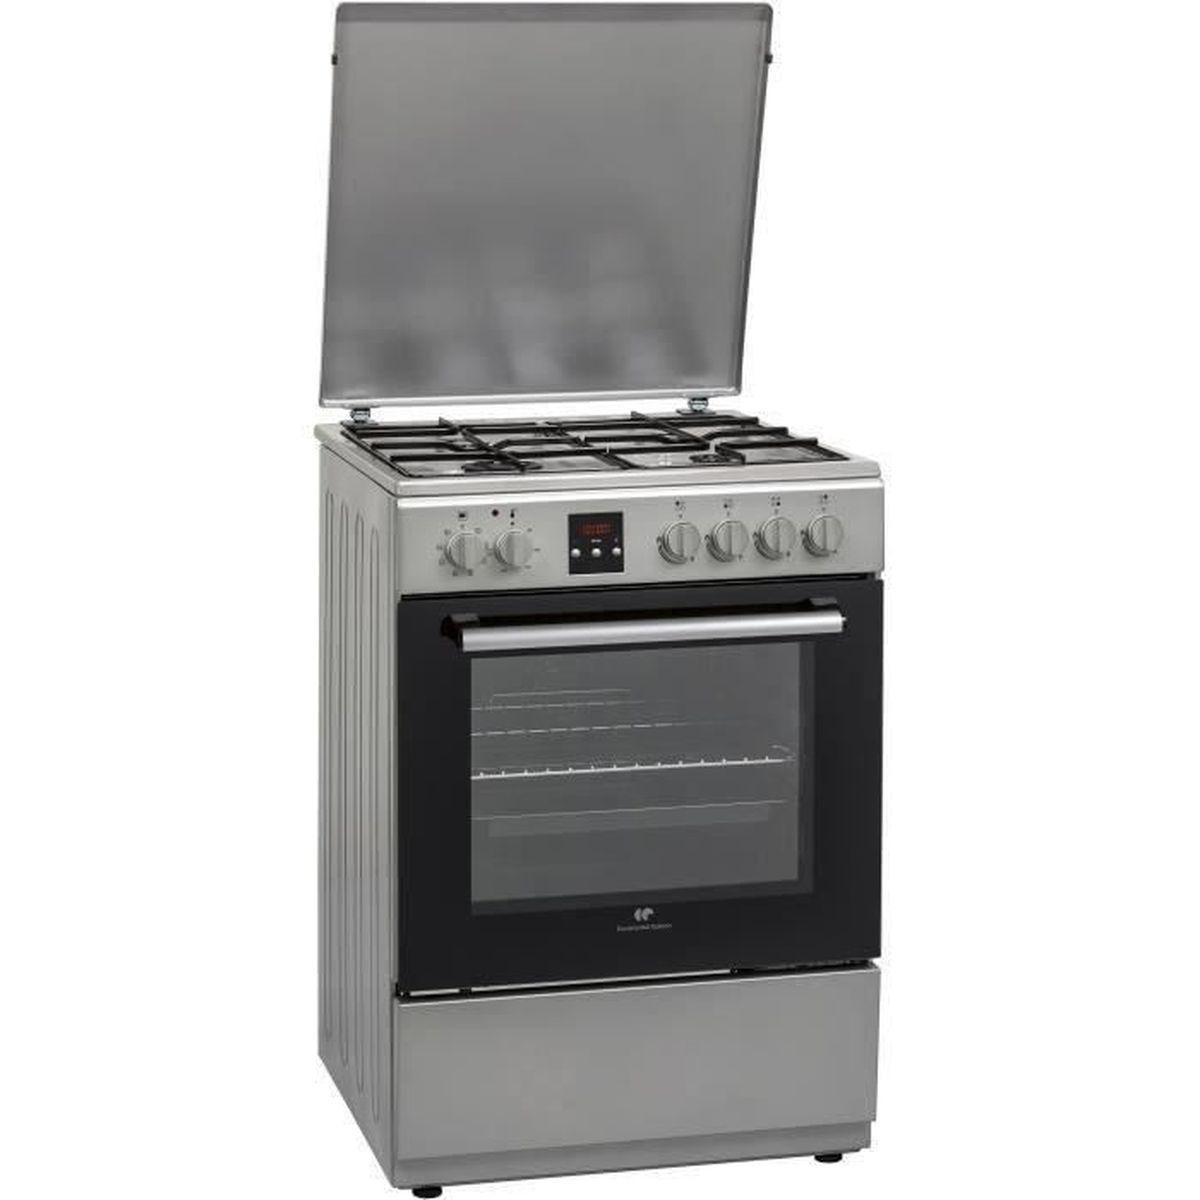 Piano De Cuisson Pas Cher Sauter cuisiniere gaz four gaz multifonction